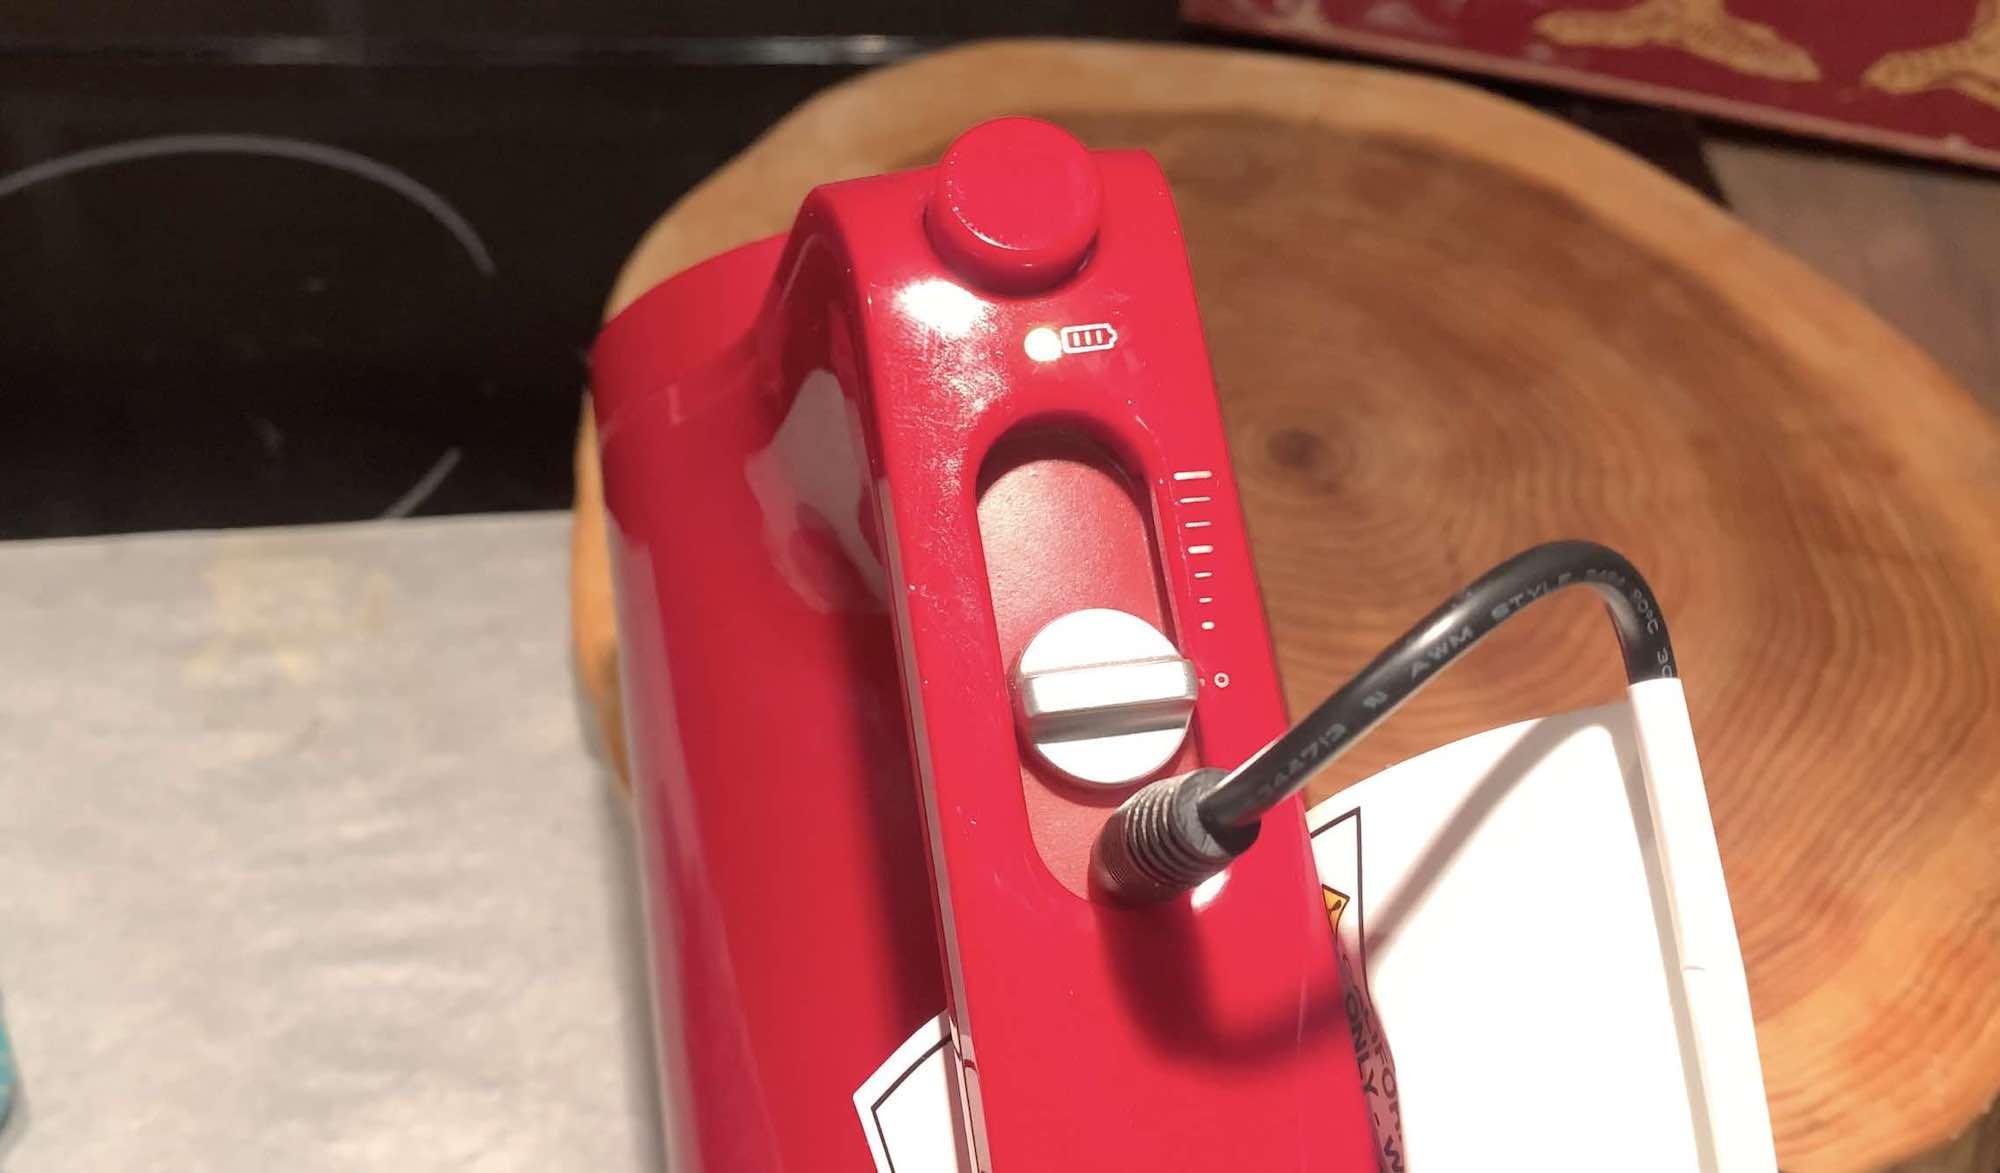 KitchenAid Cordless Hand Mixer Charger